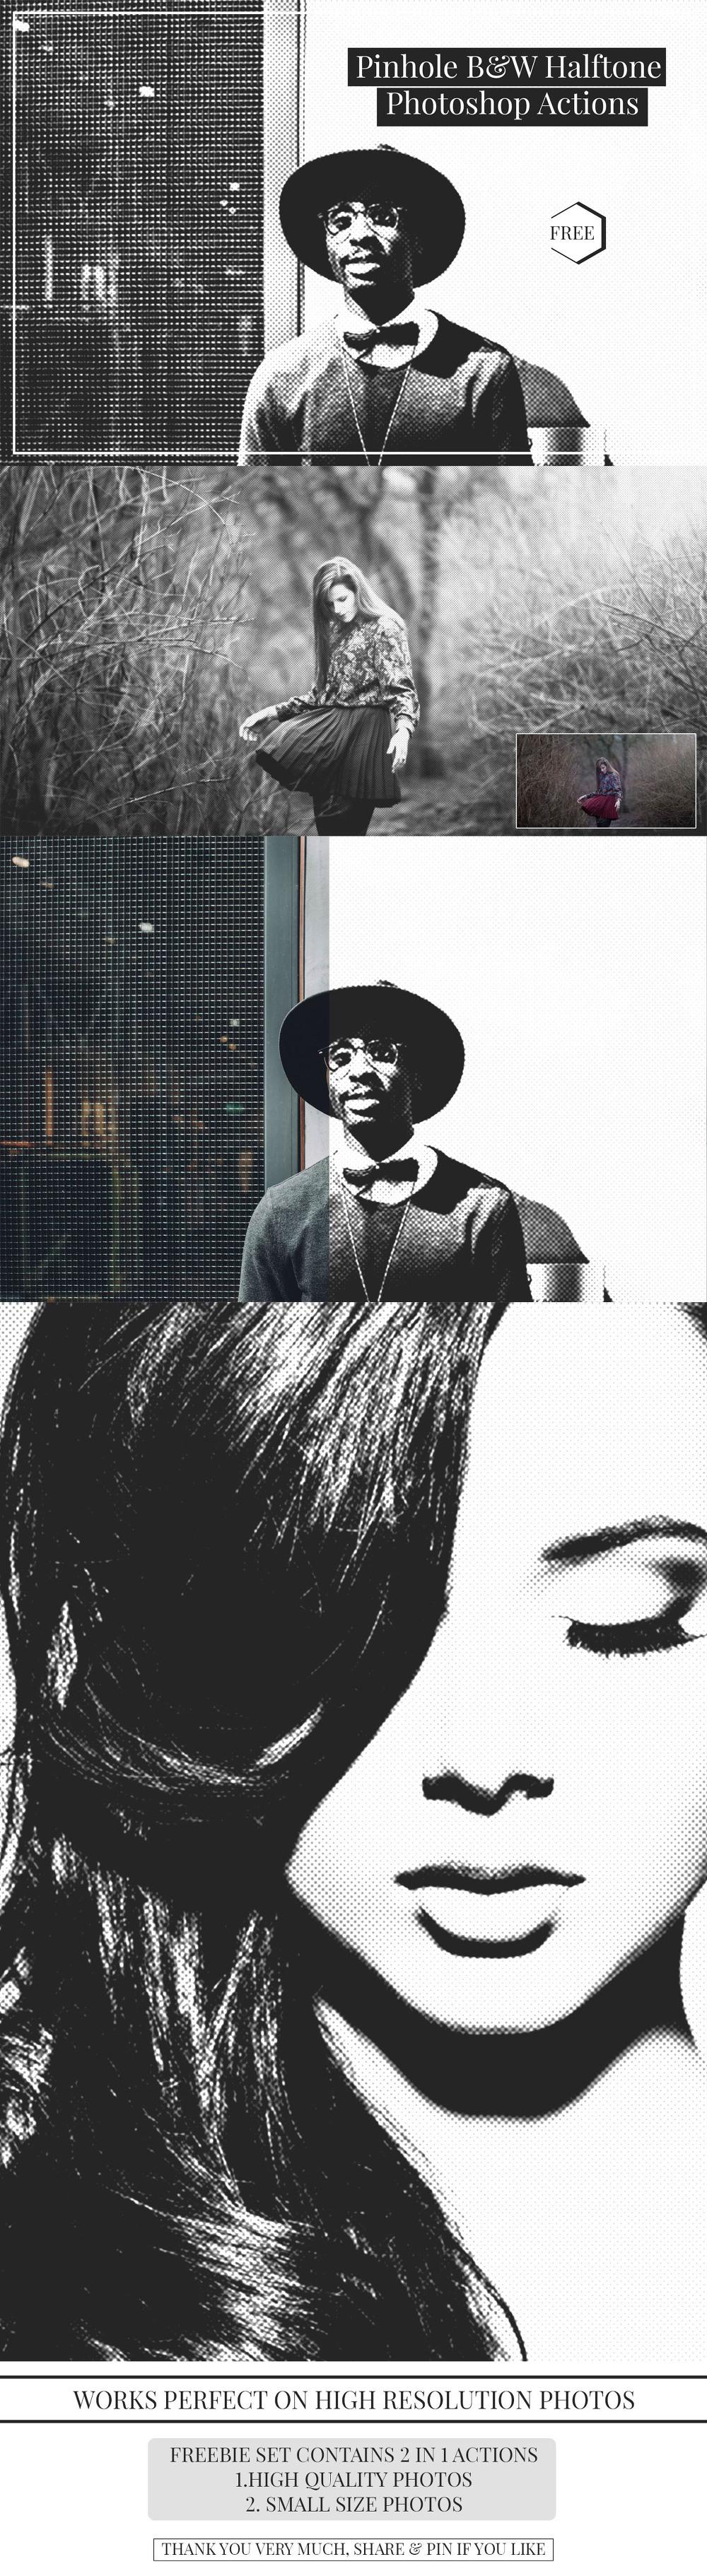 2 가지 무료 포토샵 핀홀 하프톤 흑백 액션 - 2 Free Photoshop Pinhole Halftone Black and White Actions